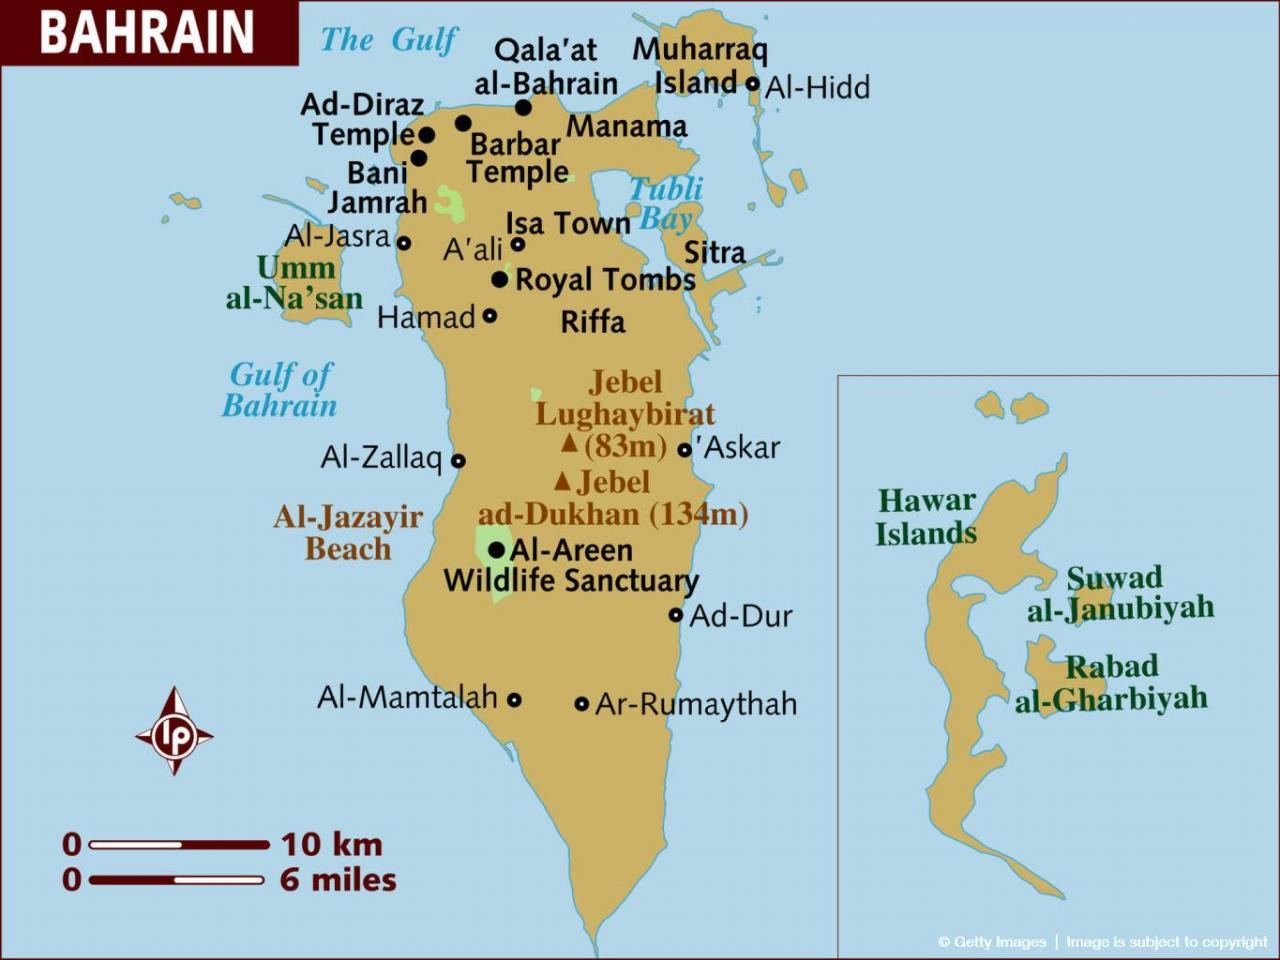 خريطة البحرين باللغة الإنجليزية